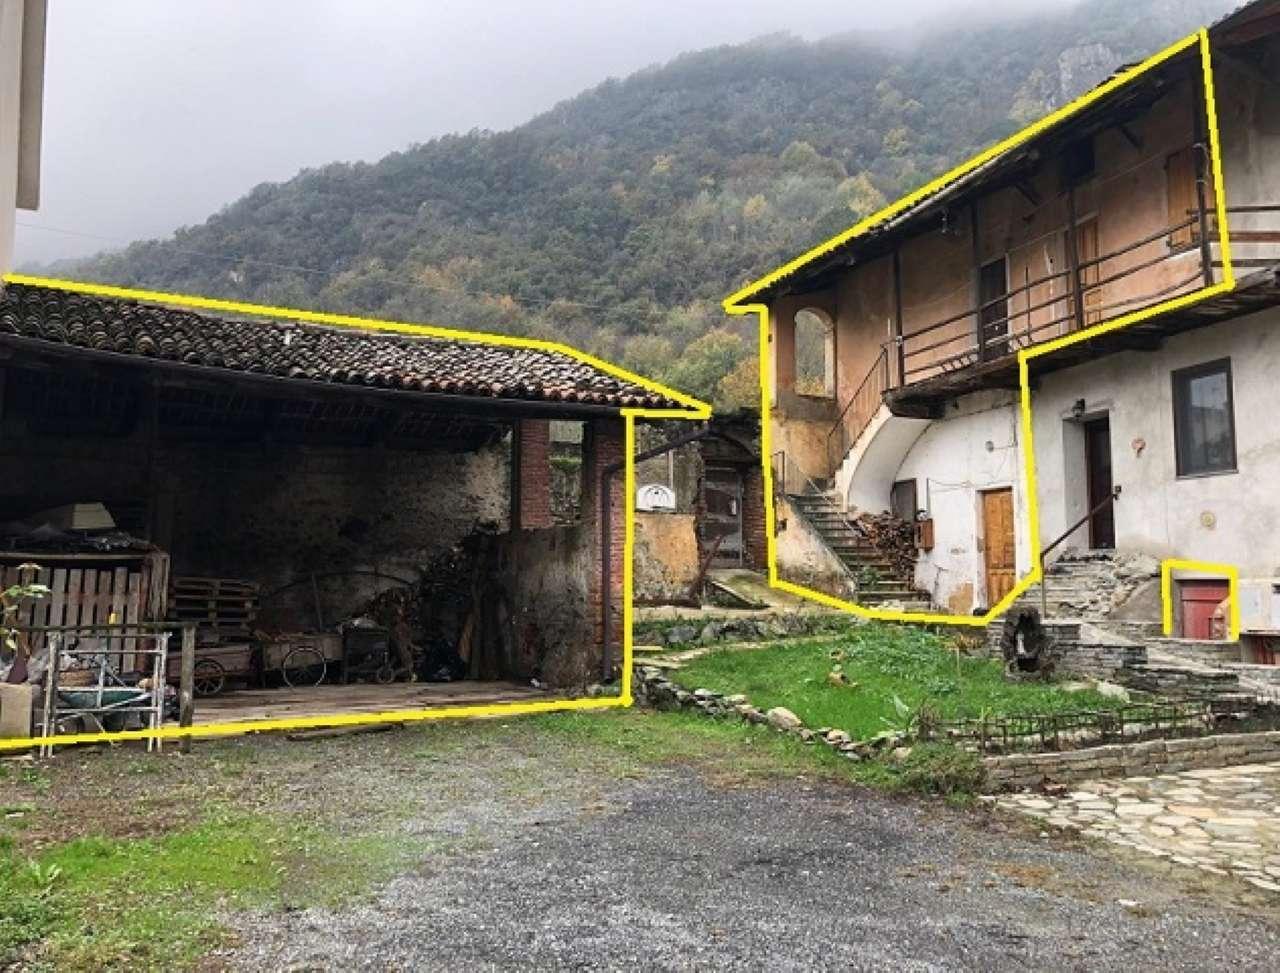 VENDITE Rustici e Case Sant'Ambrogio di Torino 5581349